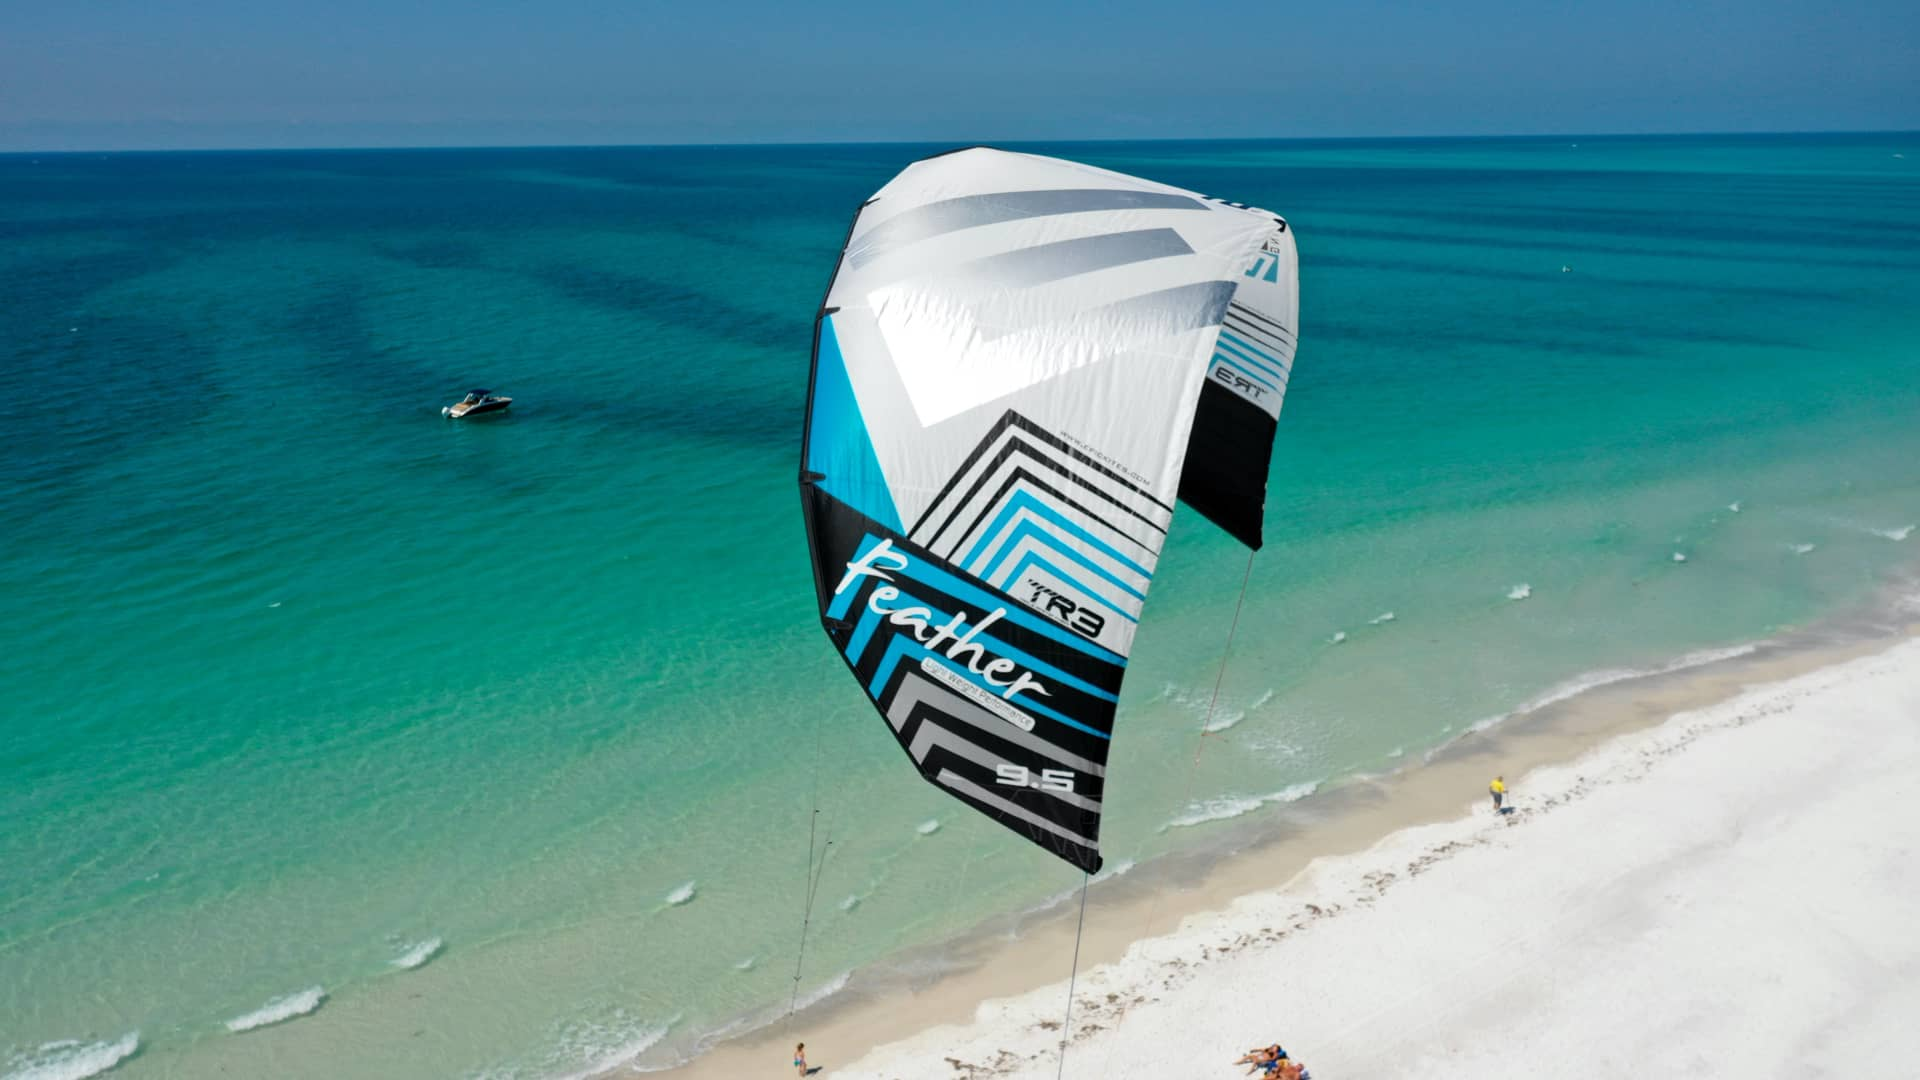 Testing the FEATHER 9.5m kite - with Epic Kites Kiteboarding